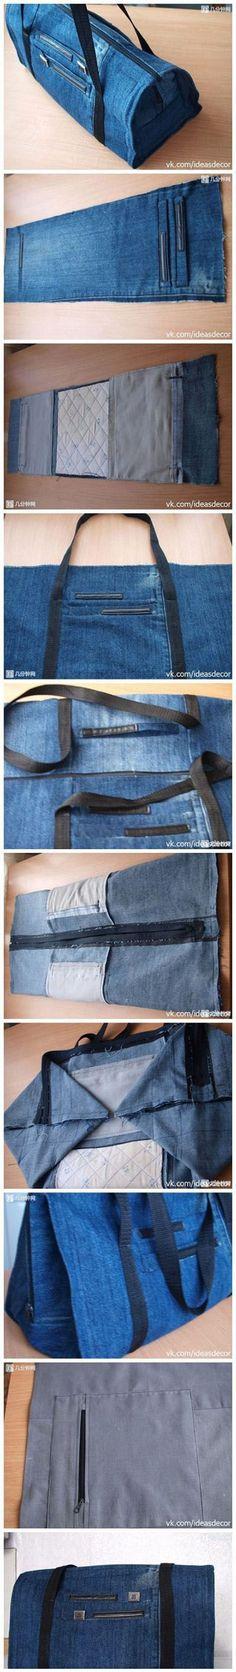 grote tas van jeansbroek